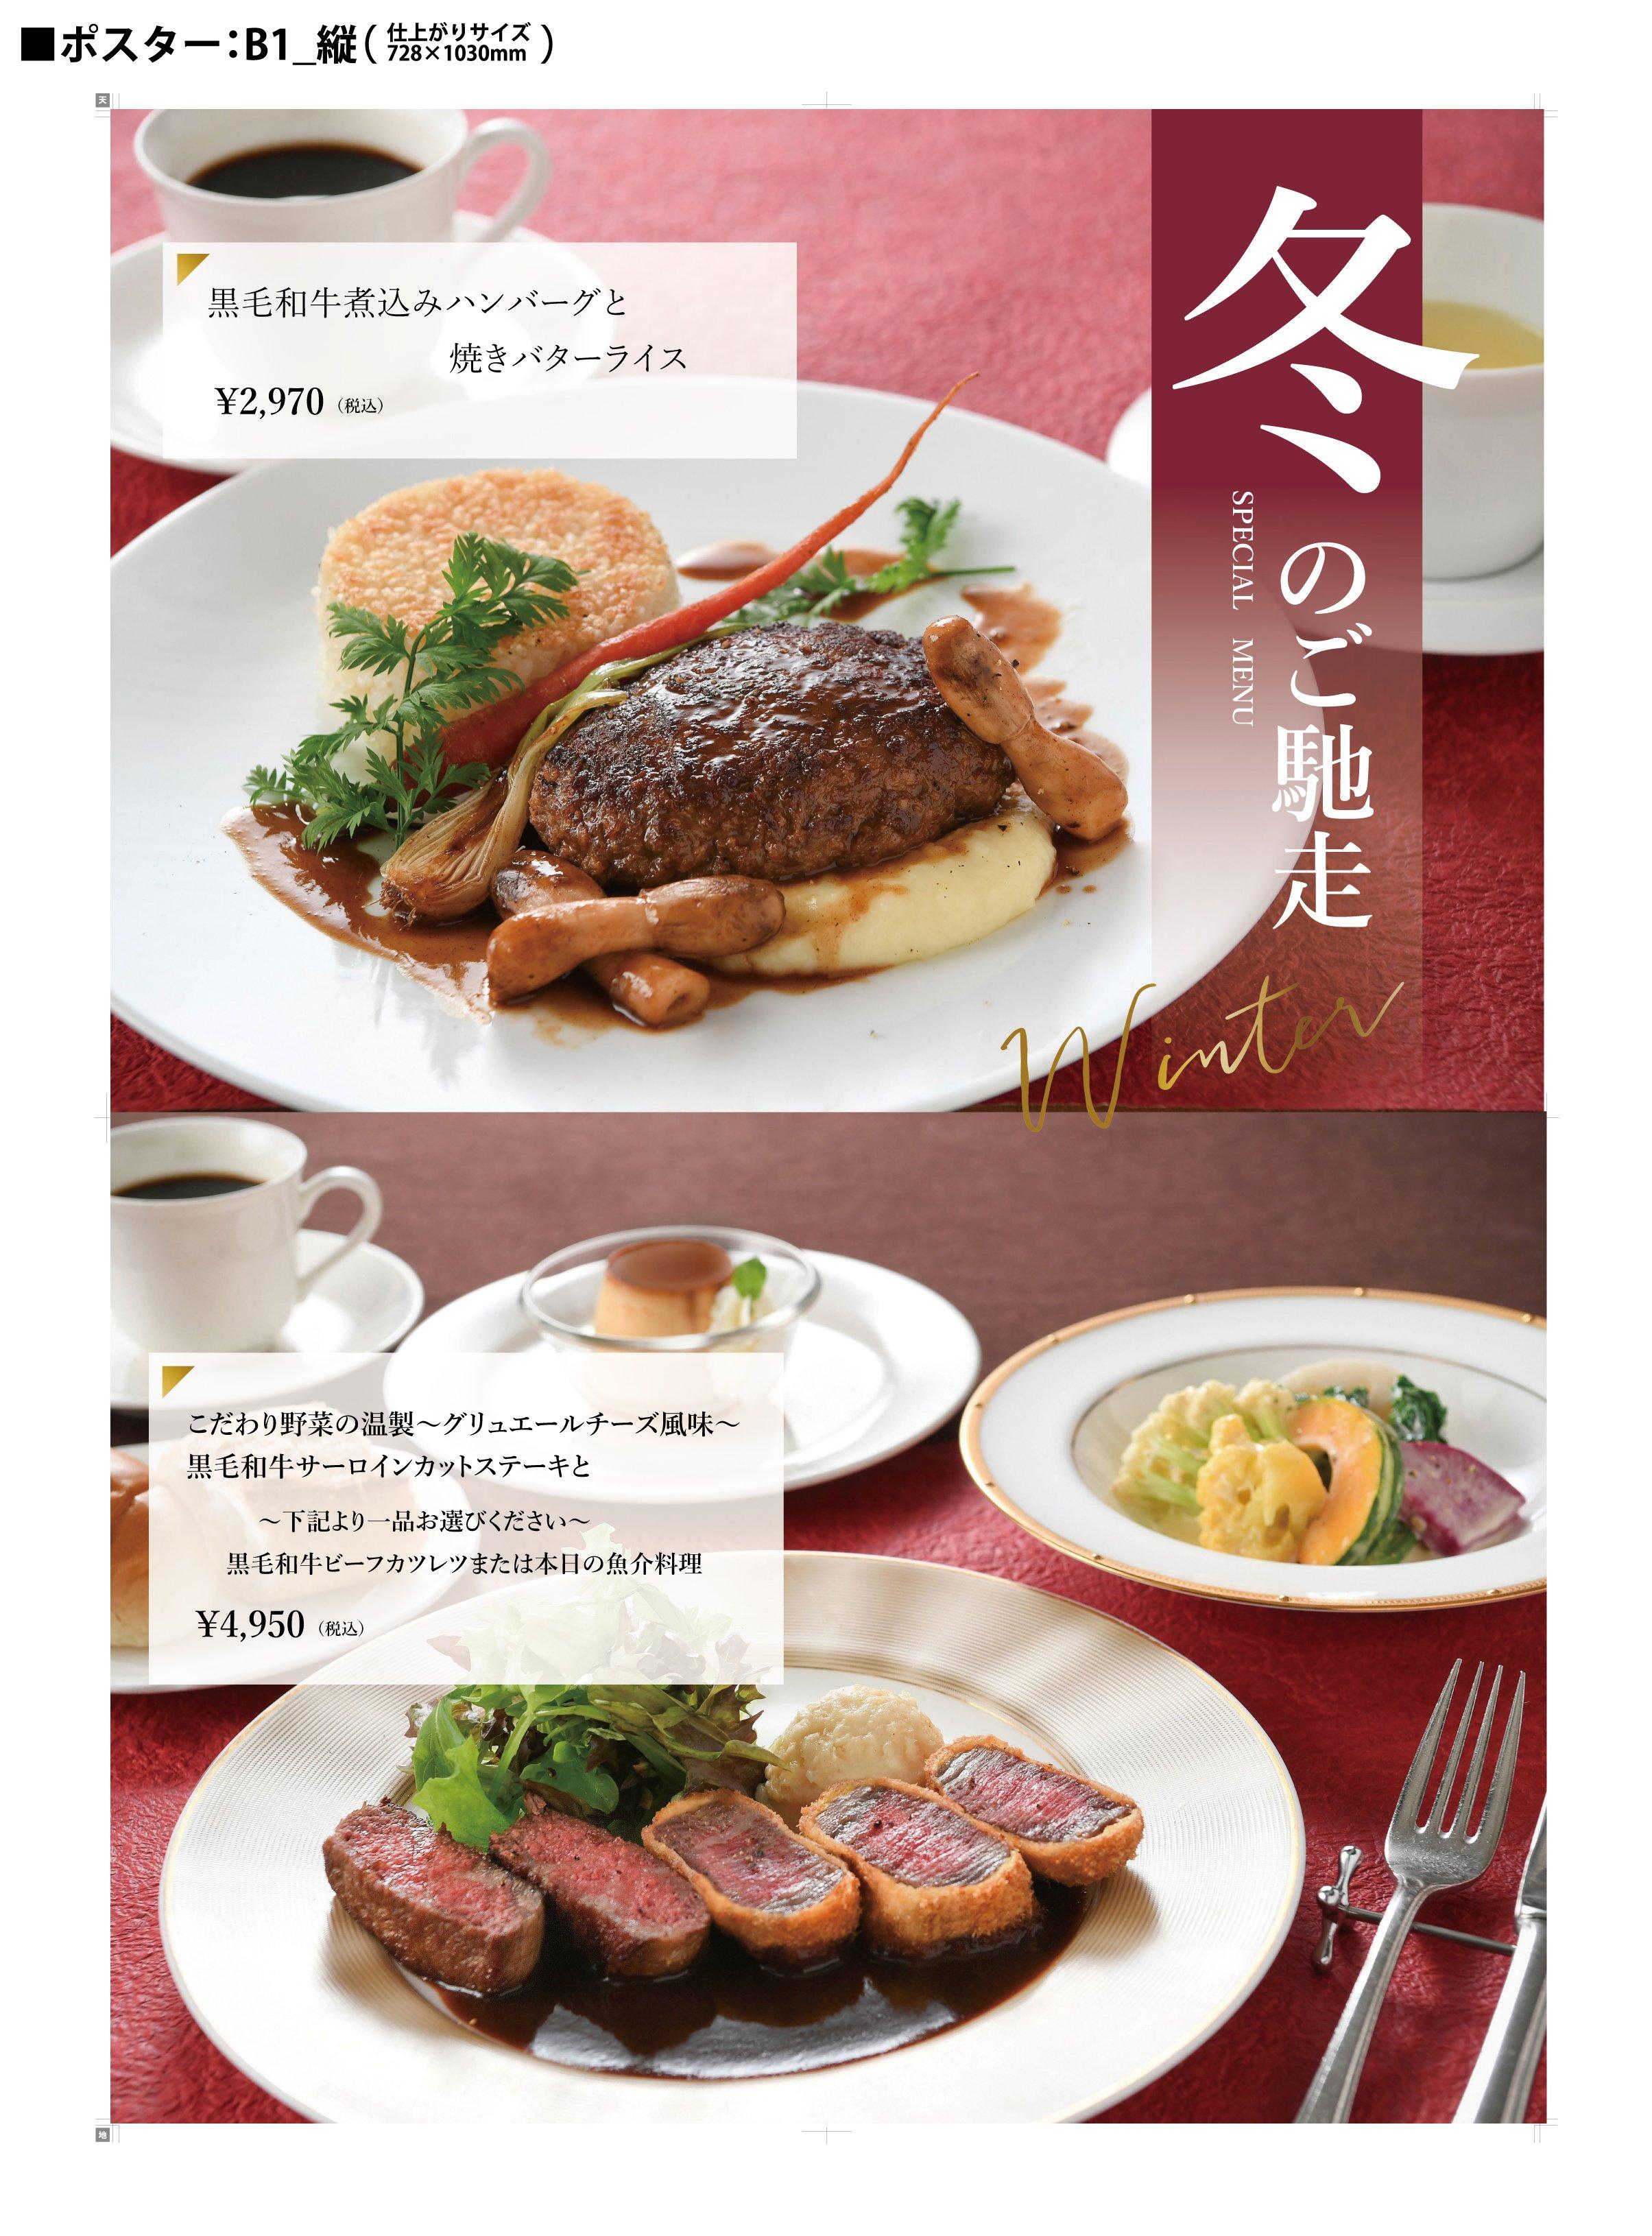 チラシ・ポスター・レストランメニューデザイン制作のイメージその4